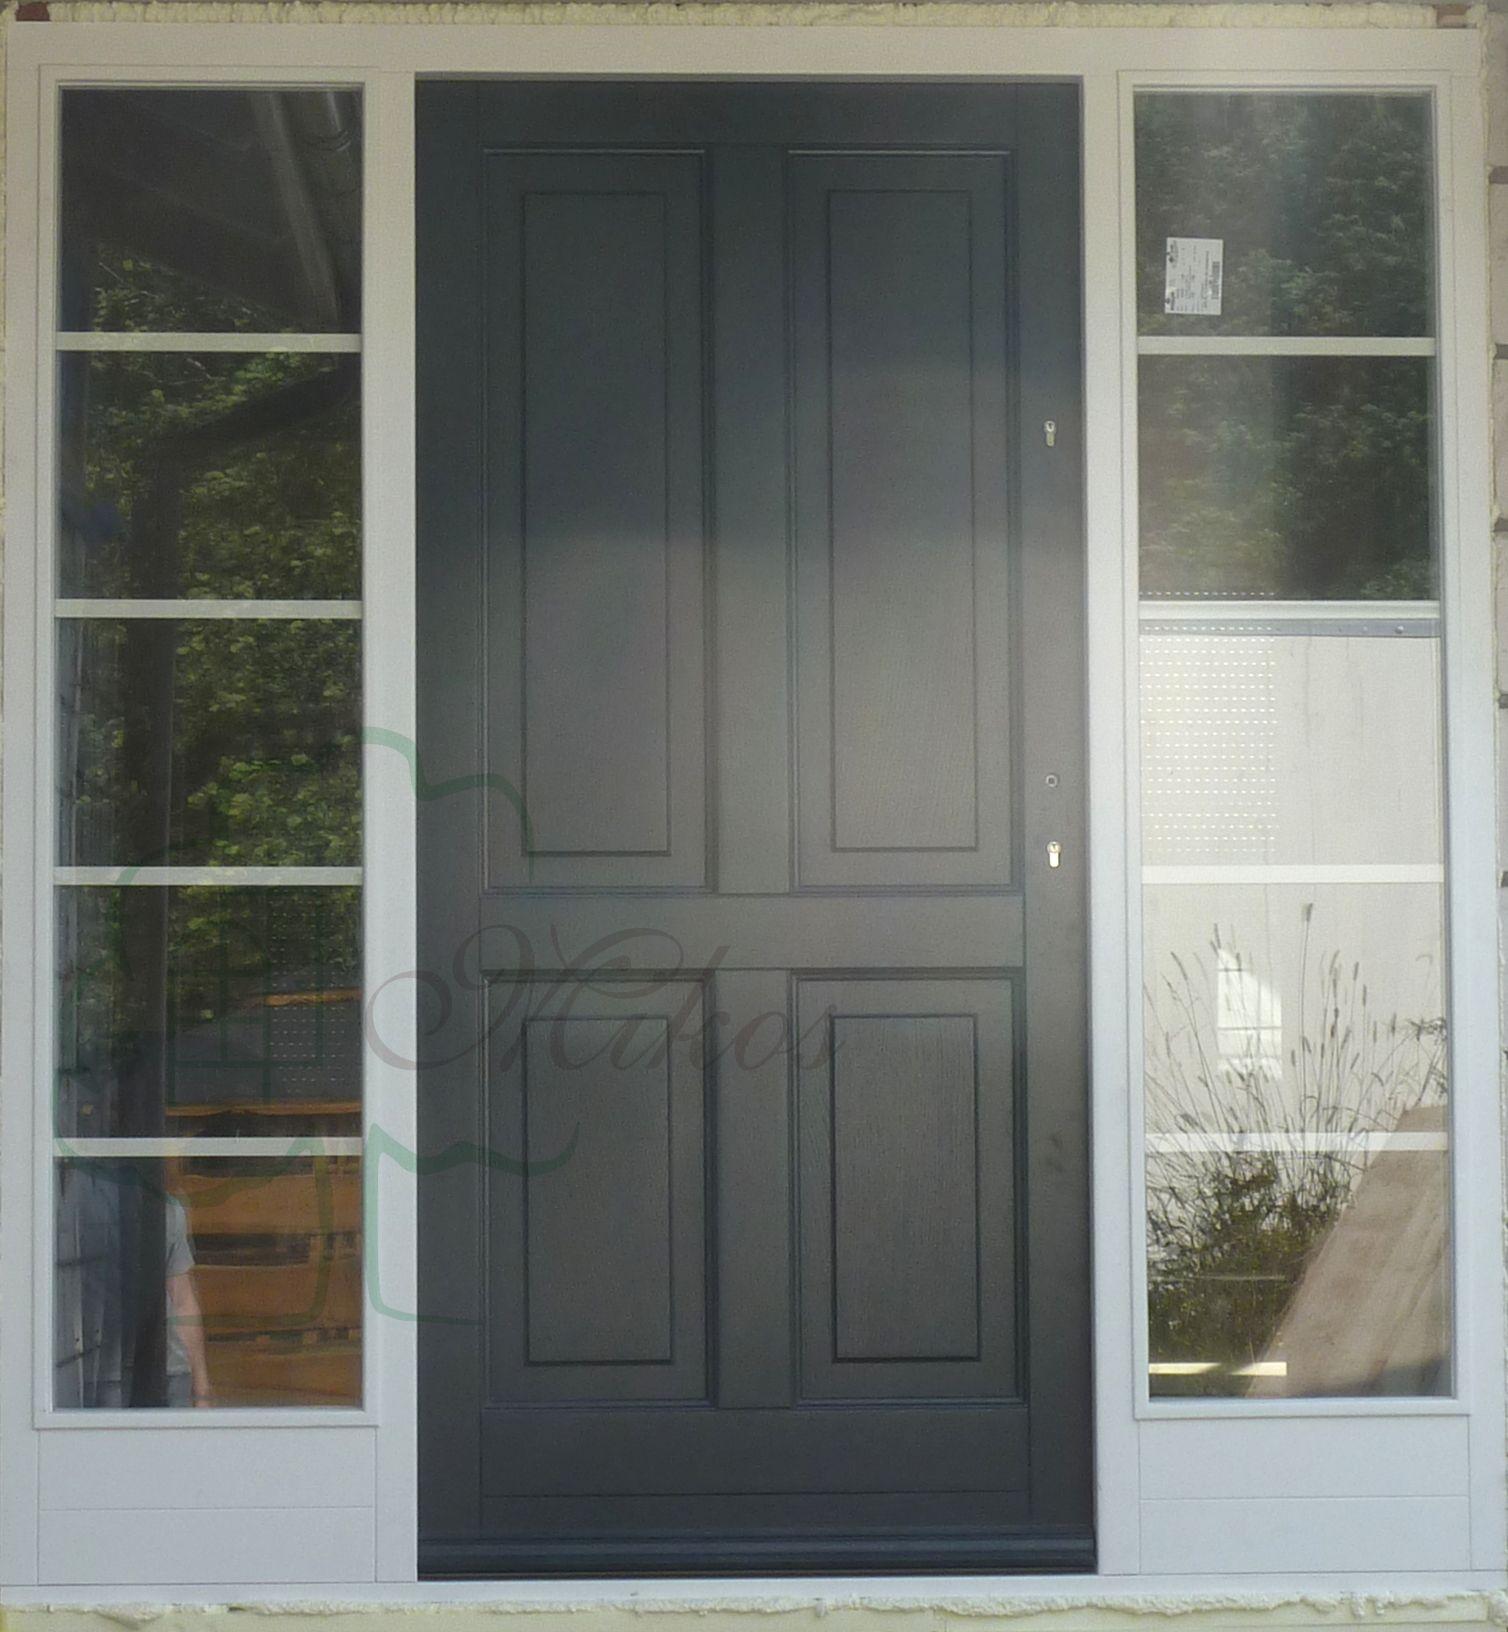 Drzwi Wejsciowe Dwukolor Skrzydlo Antracyt Drzwi Drewniane